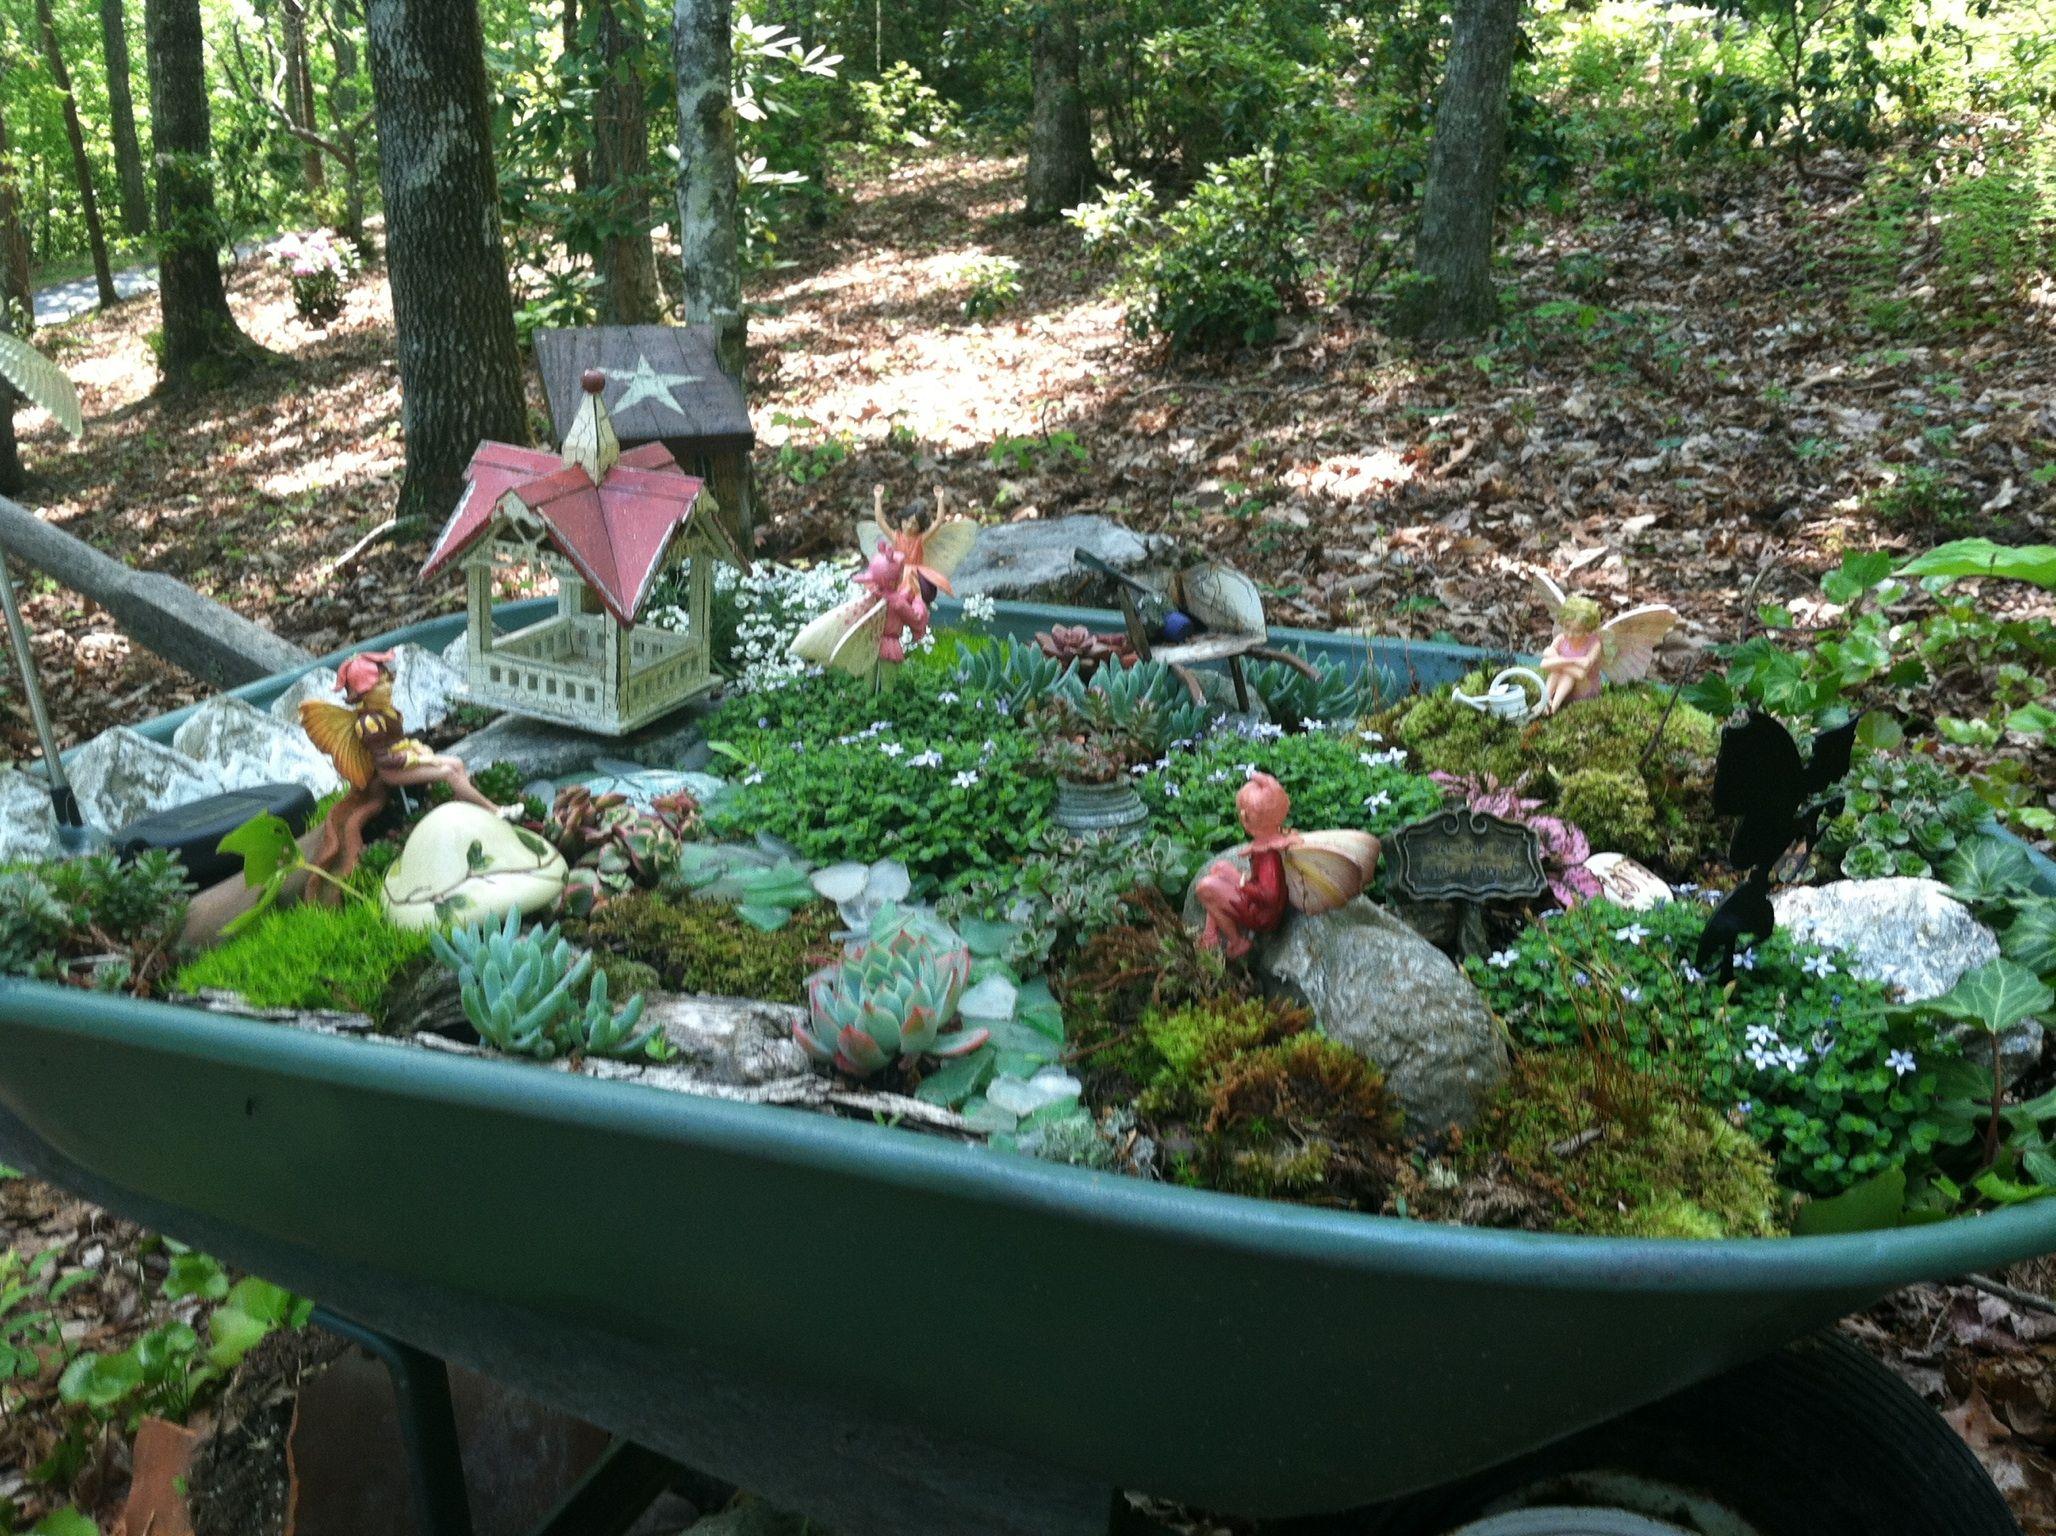 My fairy garden in a wheelbarrow